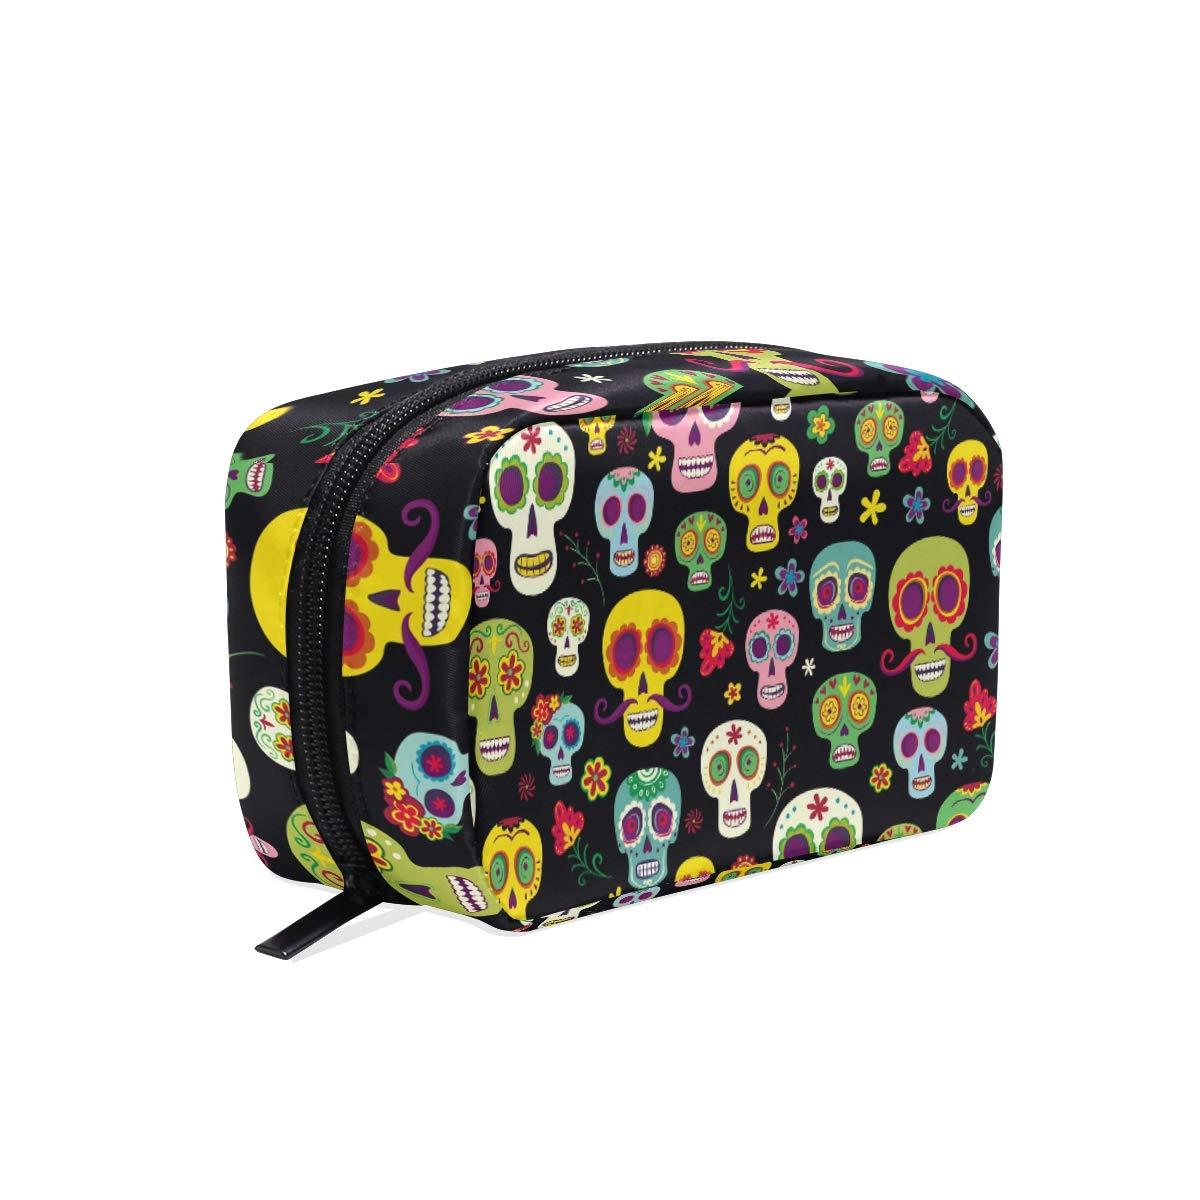 Women's Makeup Cosmetic Bag Sugar Skulls Makeup Bag for Travel Cosmetic Pouch Brush Bag(908d20)